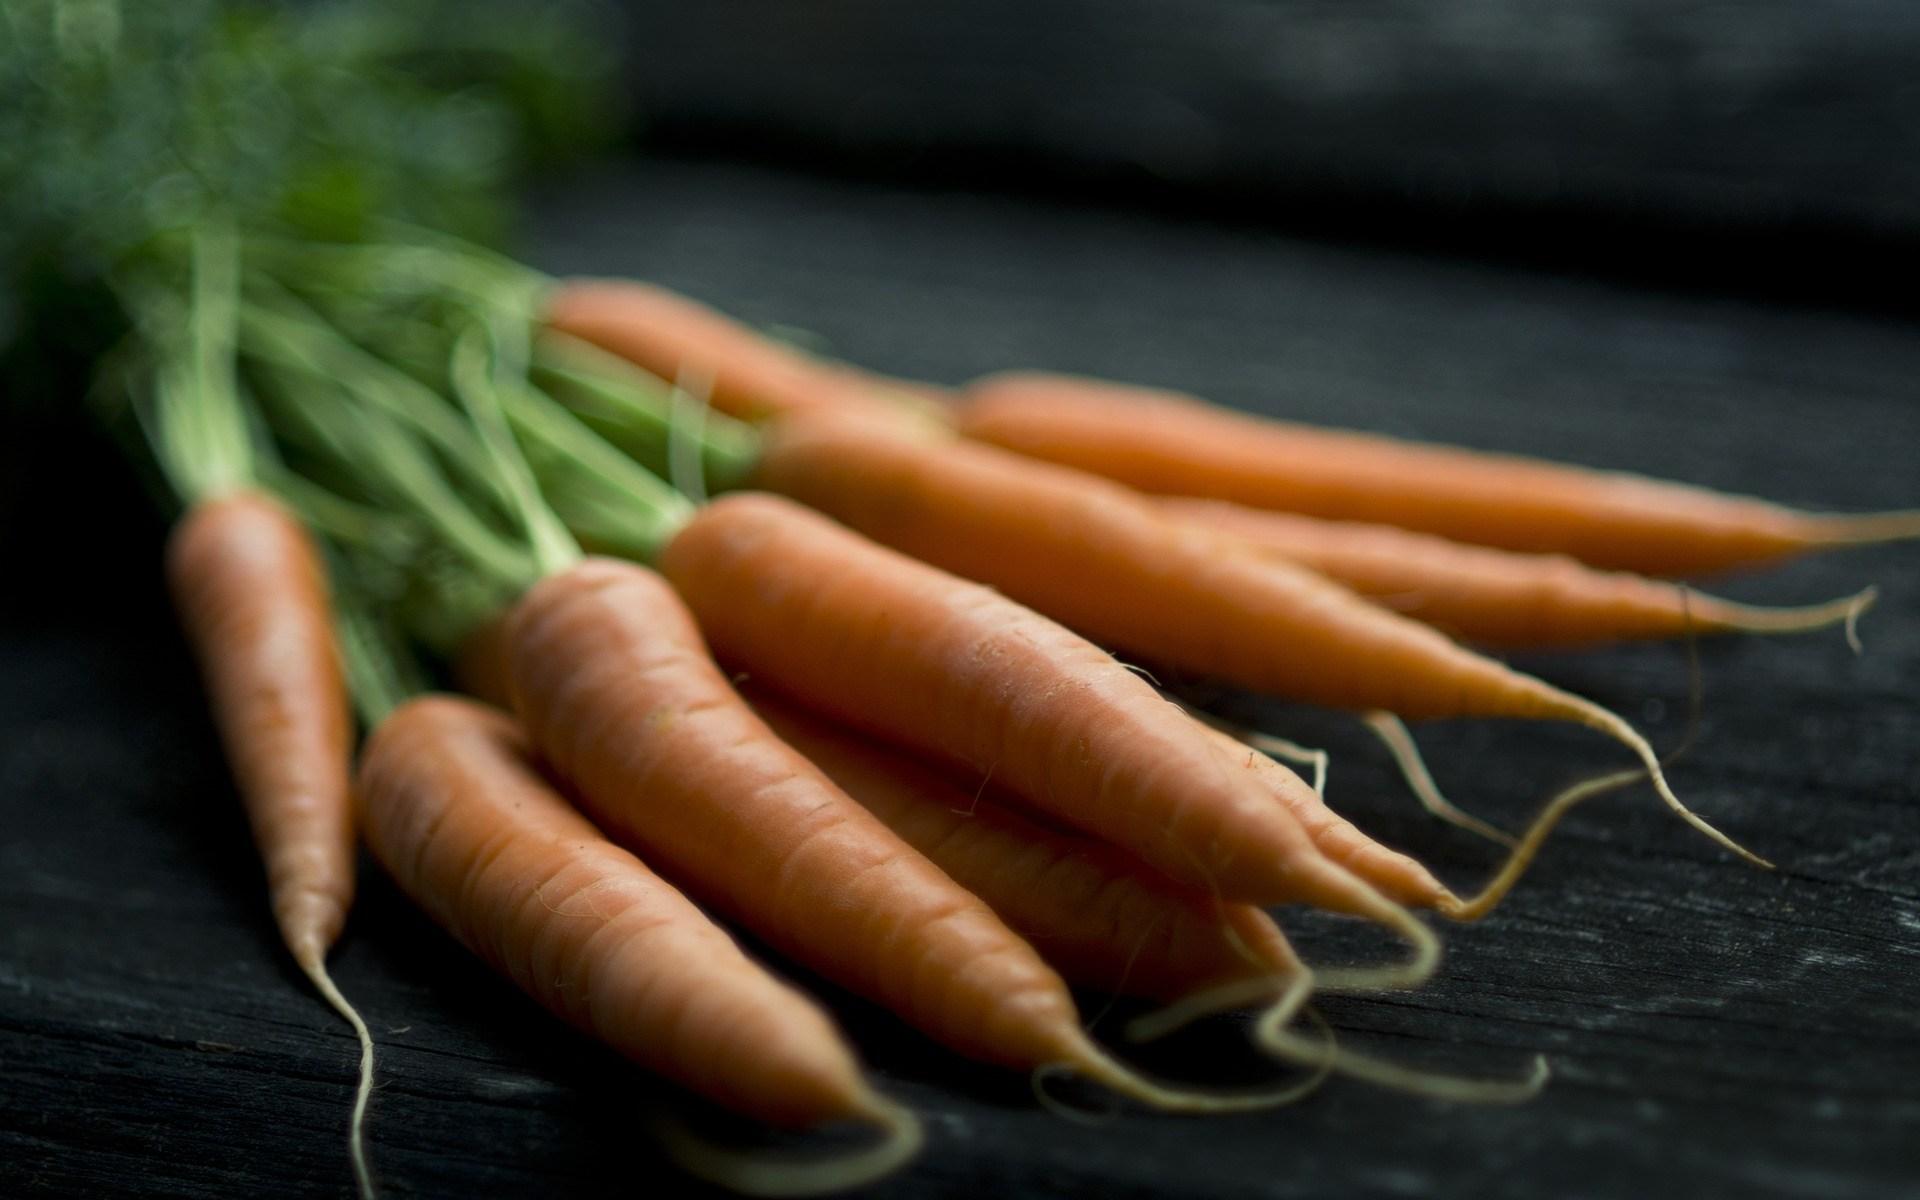 Hemodlade morötter smakar bäst - Så kan du minska soporna när du handlar mat - Alternativa Höga kusten